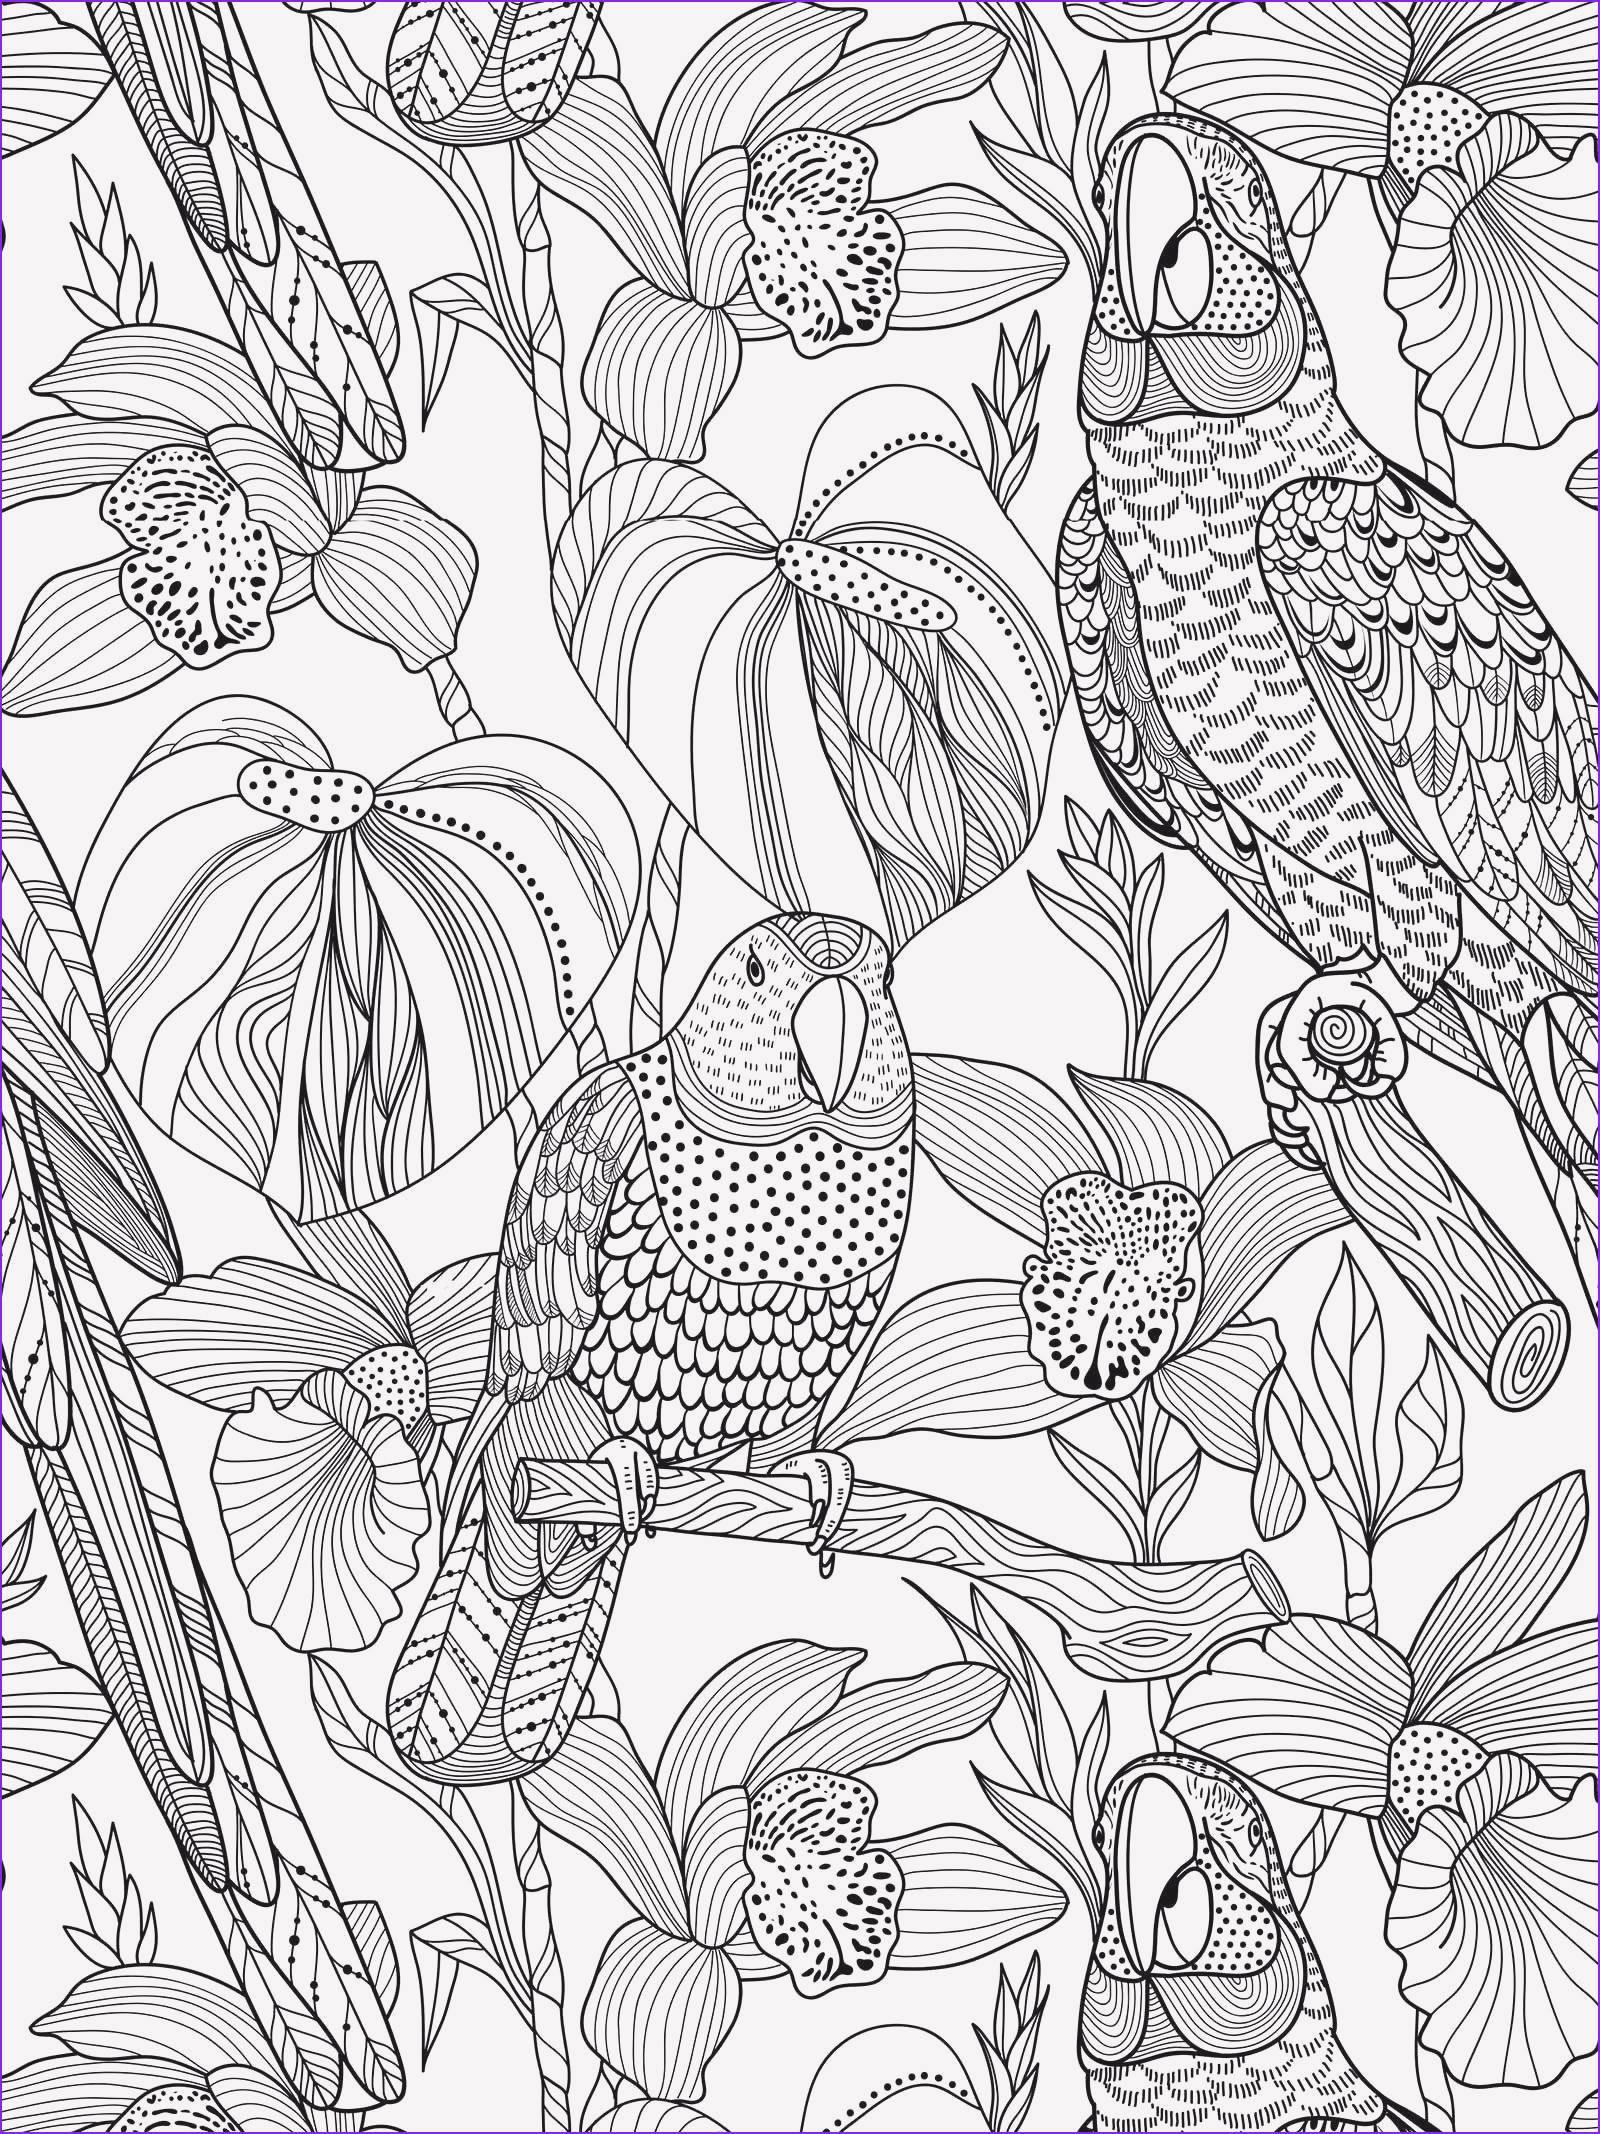 Fliegender Papagei Malvorlage Einzigartig 40 Schön Papagei Ausmalbilder – Große Coloring Page Sammlung Fotografieren